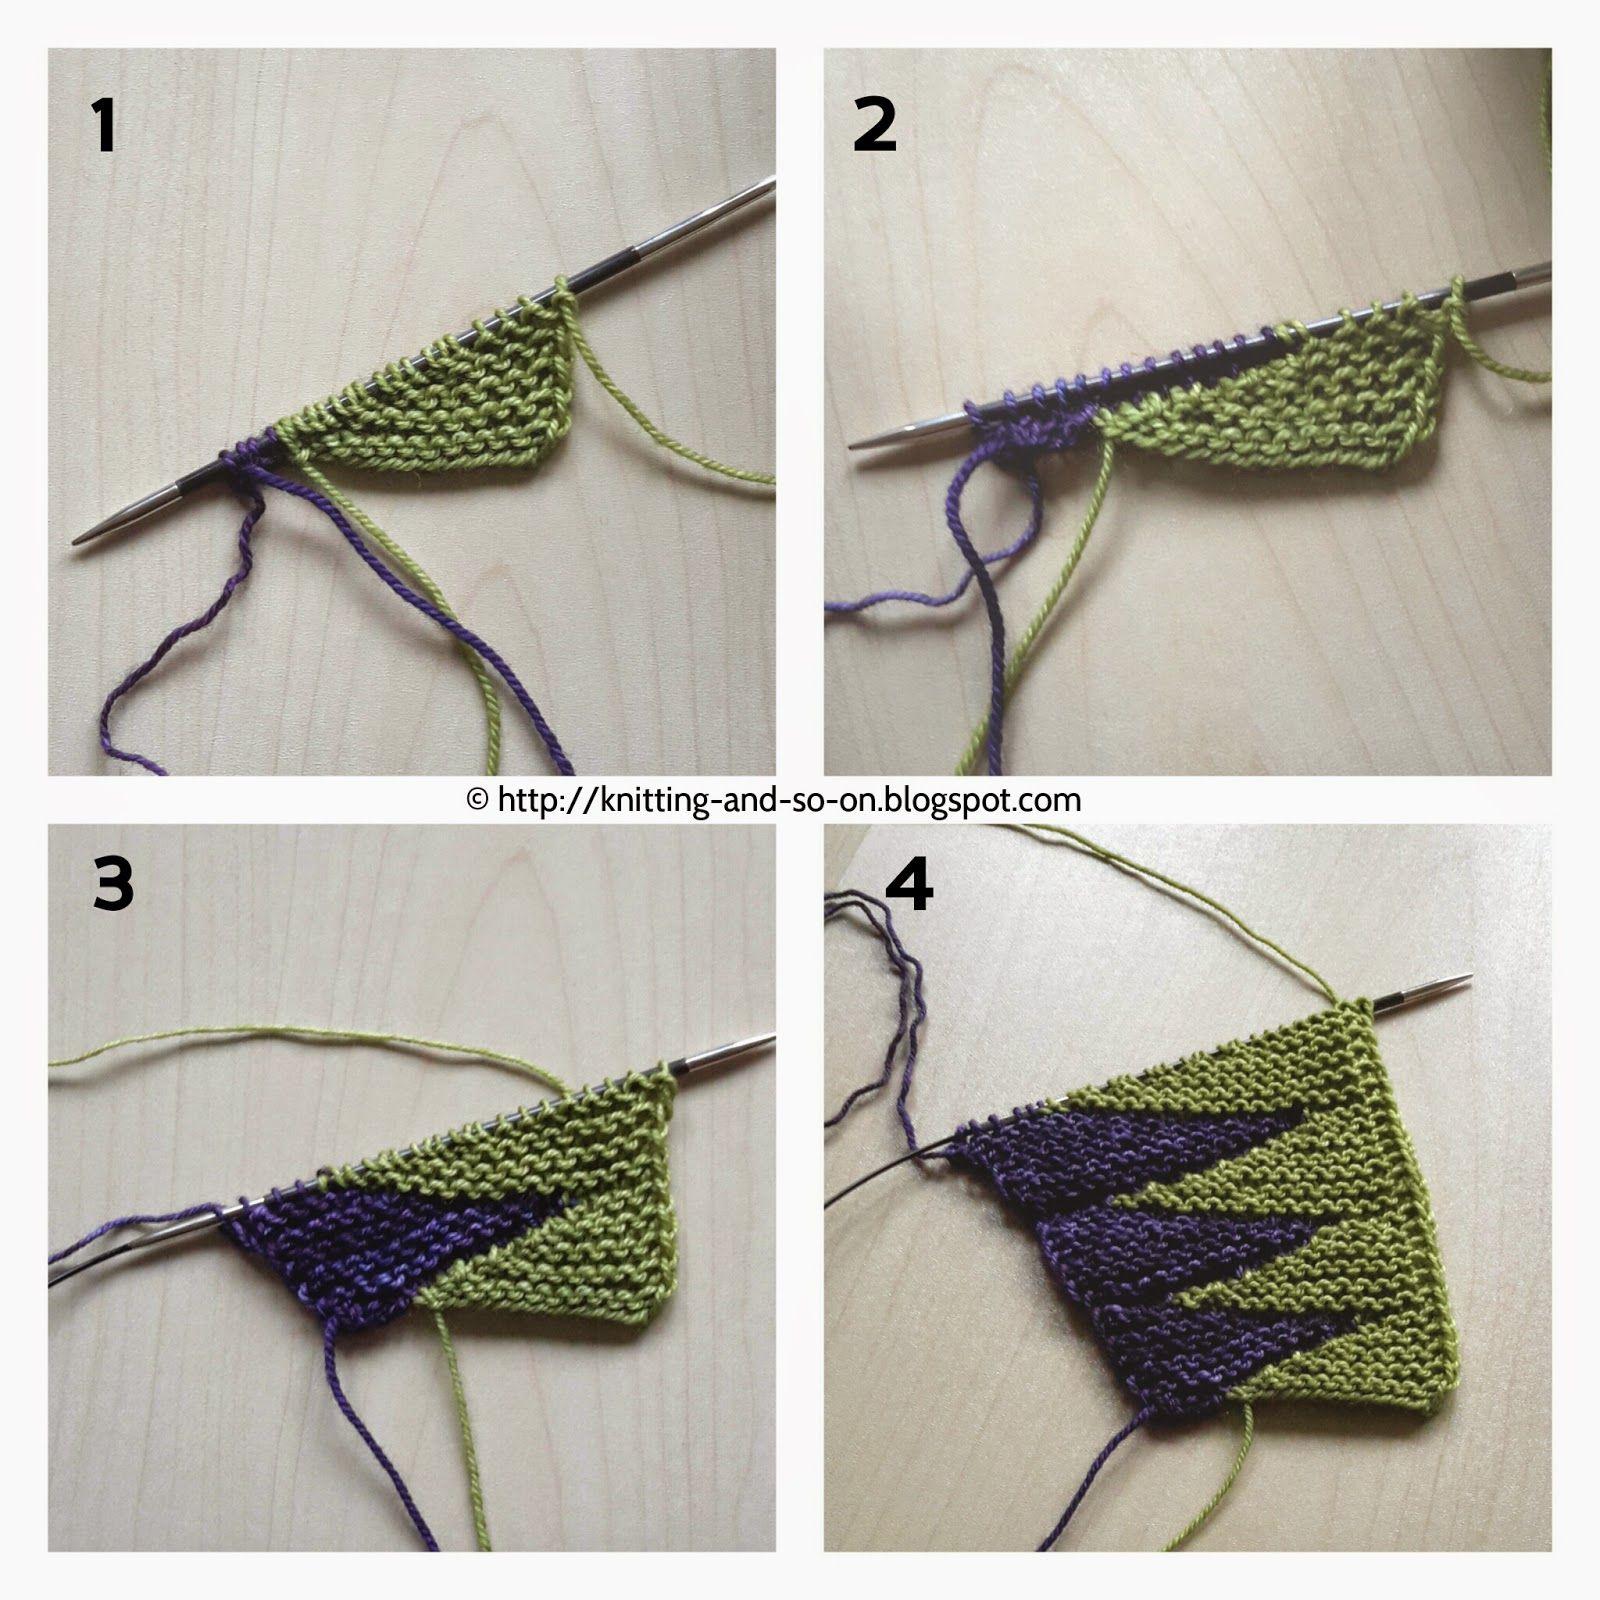 Free knitting patterns - fingerless gloves, scarves, knitting ideas ...